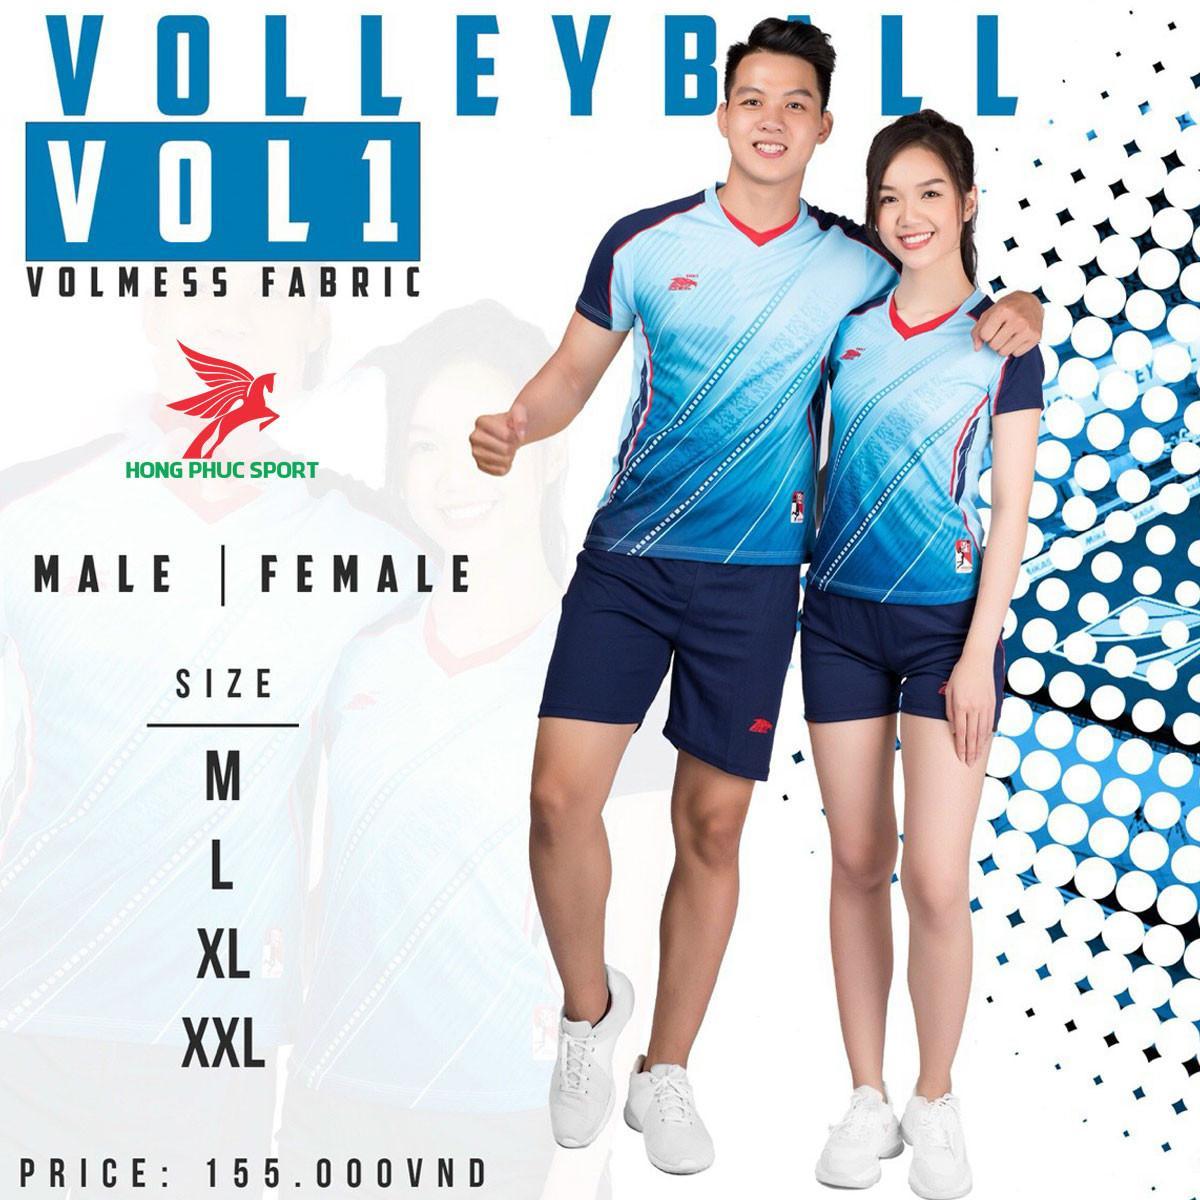 Áo thi đấu bóng chuyền Riki Vol12021 màu xanh dương